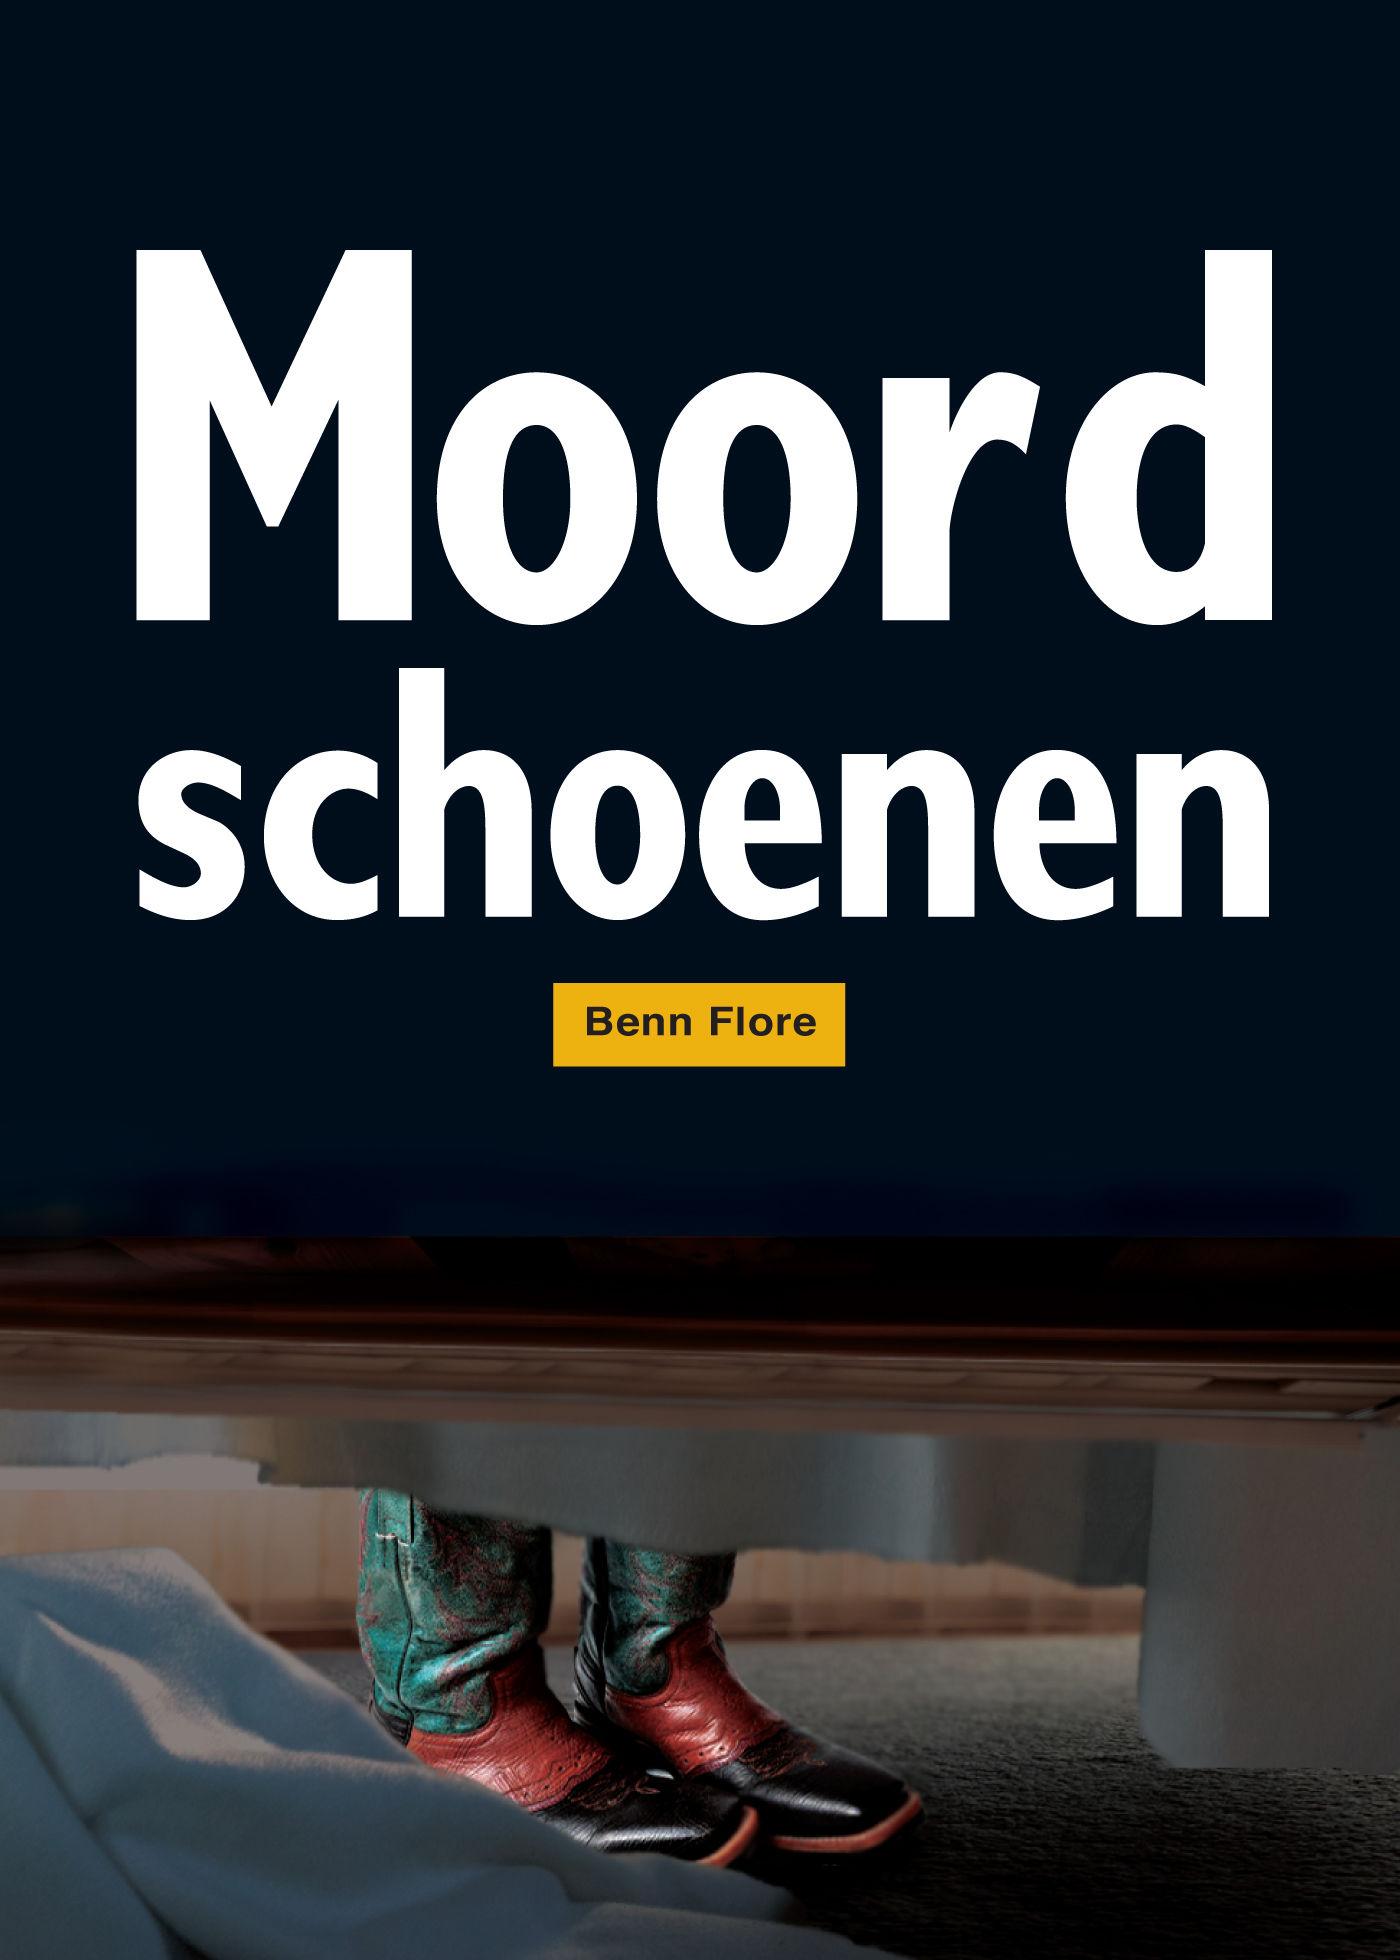 Moordschoenen - Killing Shoes (2016)